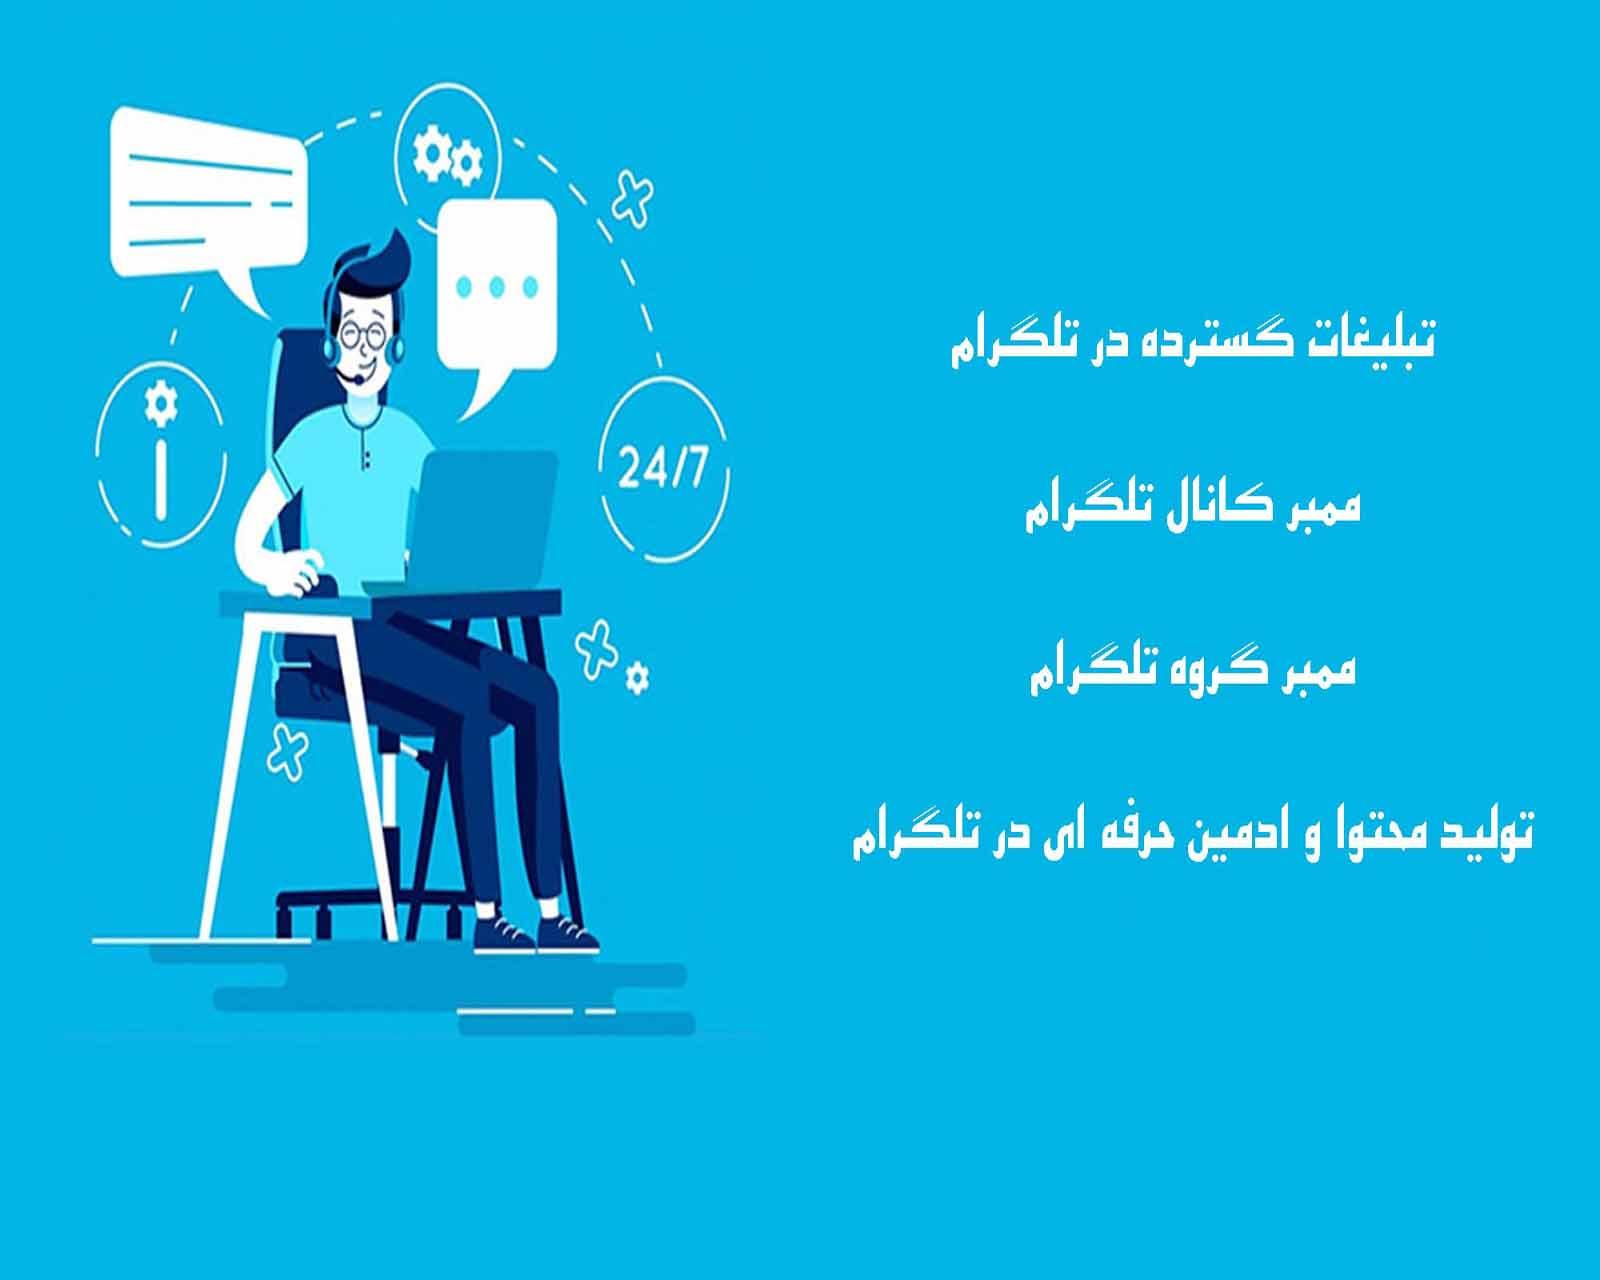 تبلیغات و ممبر تلگرام